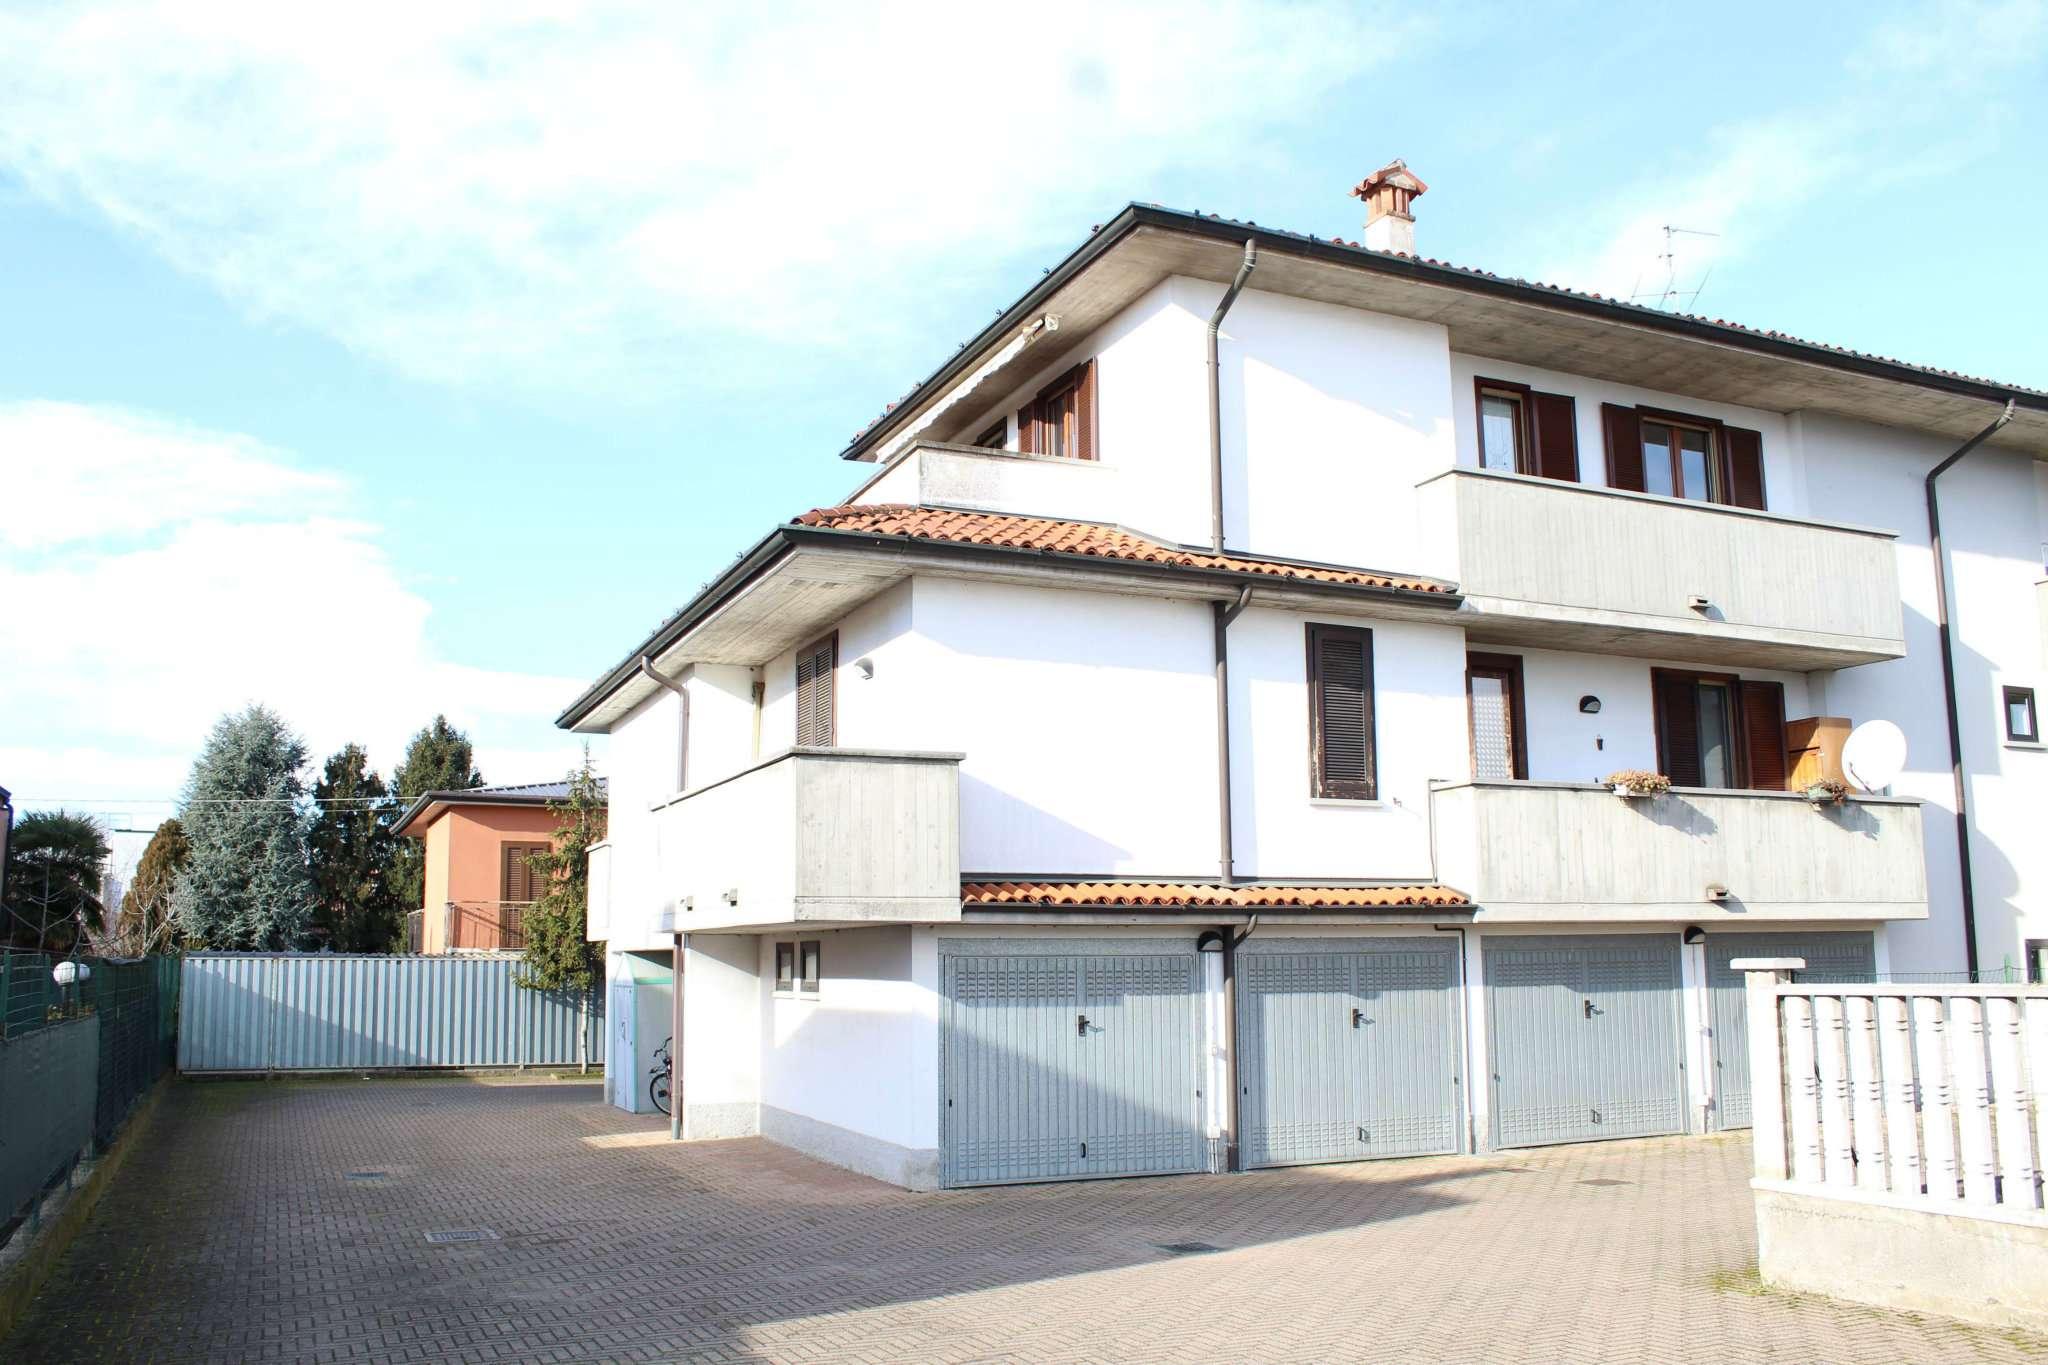 Attico / Mansarda in vendita a Quintano, 3 locali, prezzo € 97.000 | CambioCasa.it